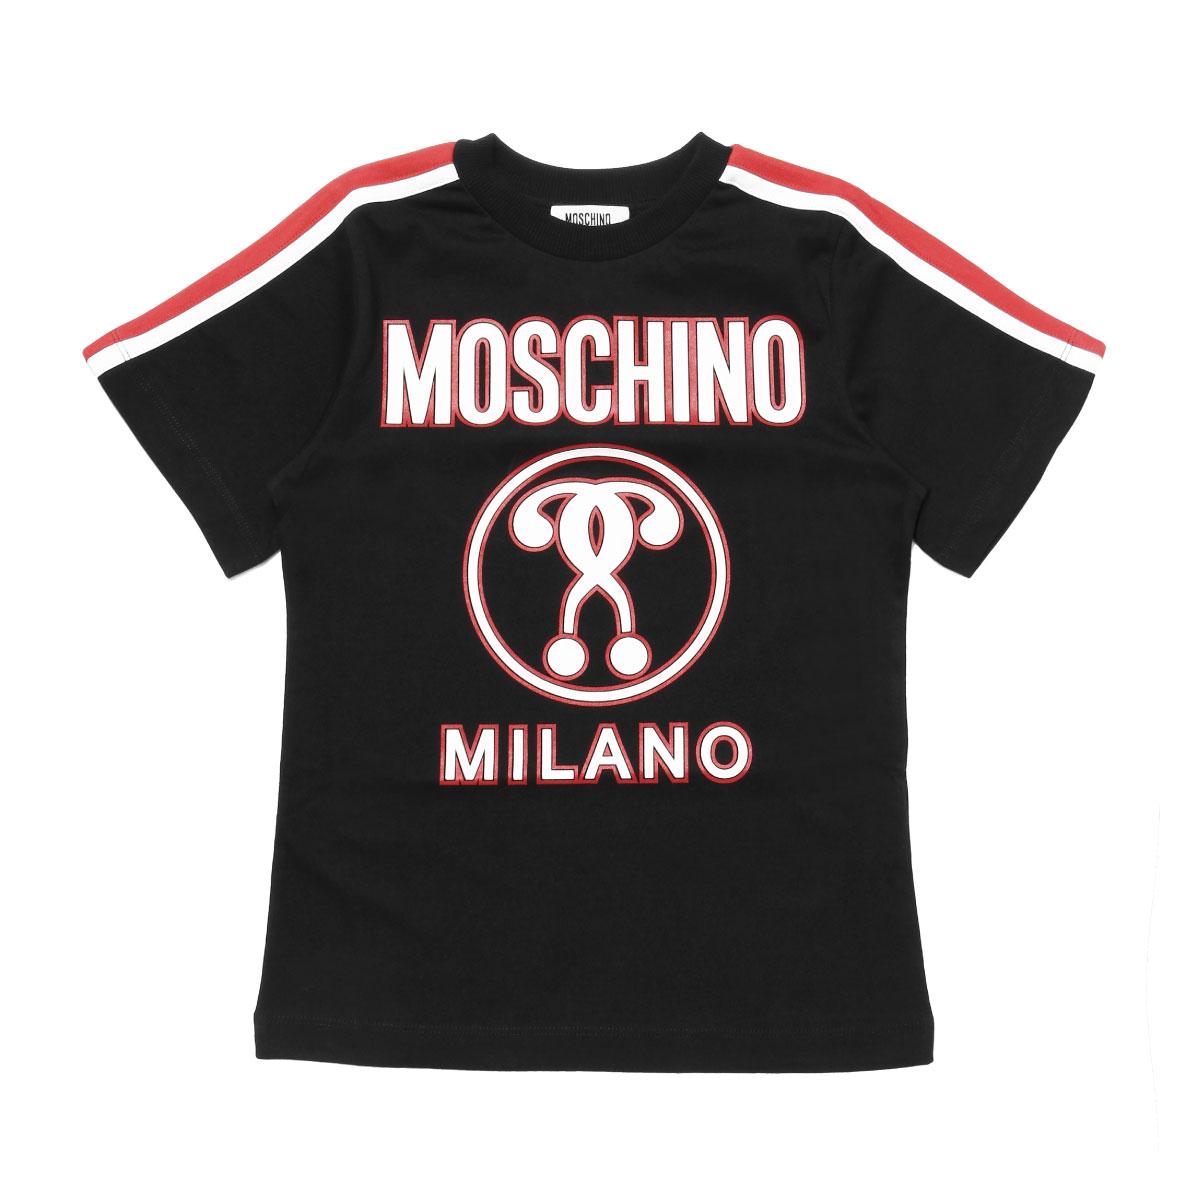 モスキーノ MOSCHINO Tシャツ キッズ ボーイズ HUM01S LAA09 60100 半袖Tシャツ BLACK ブラック6A-10A